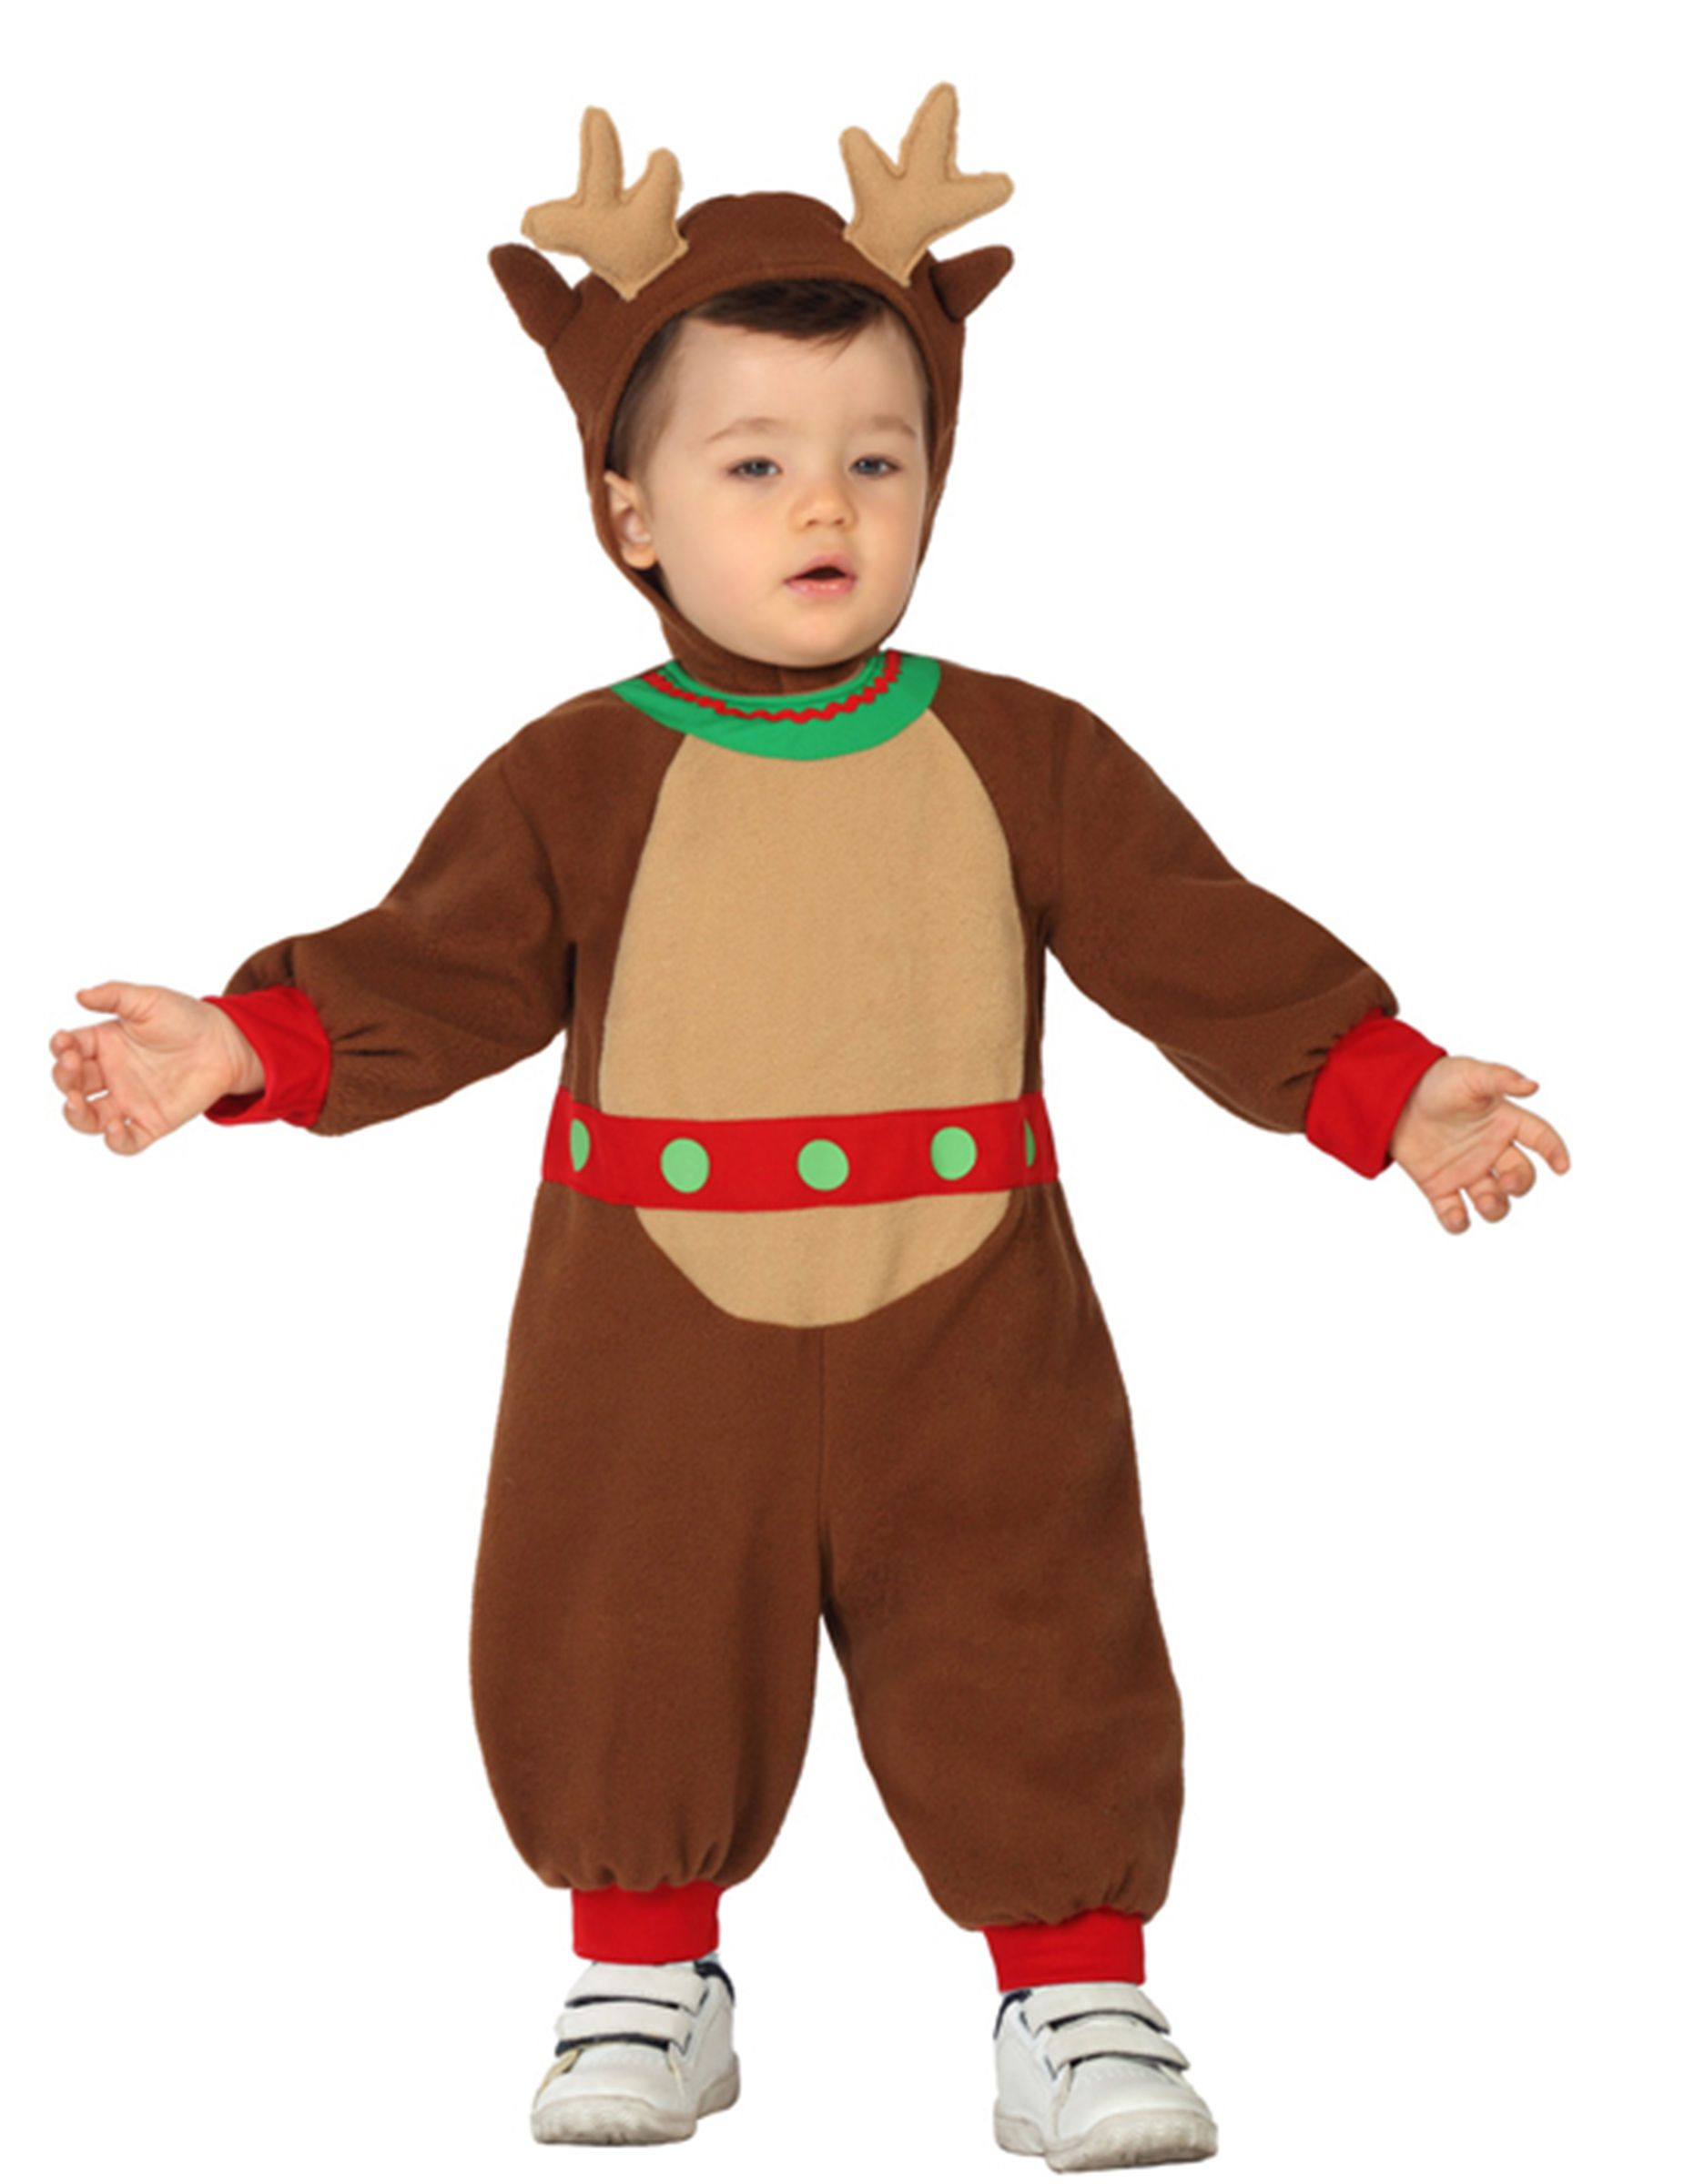 Disfraz reno beb navidad disfraces navidad ni os - Disfraces para ninos de navidad ...